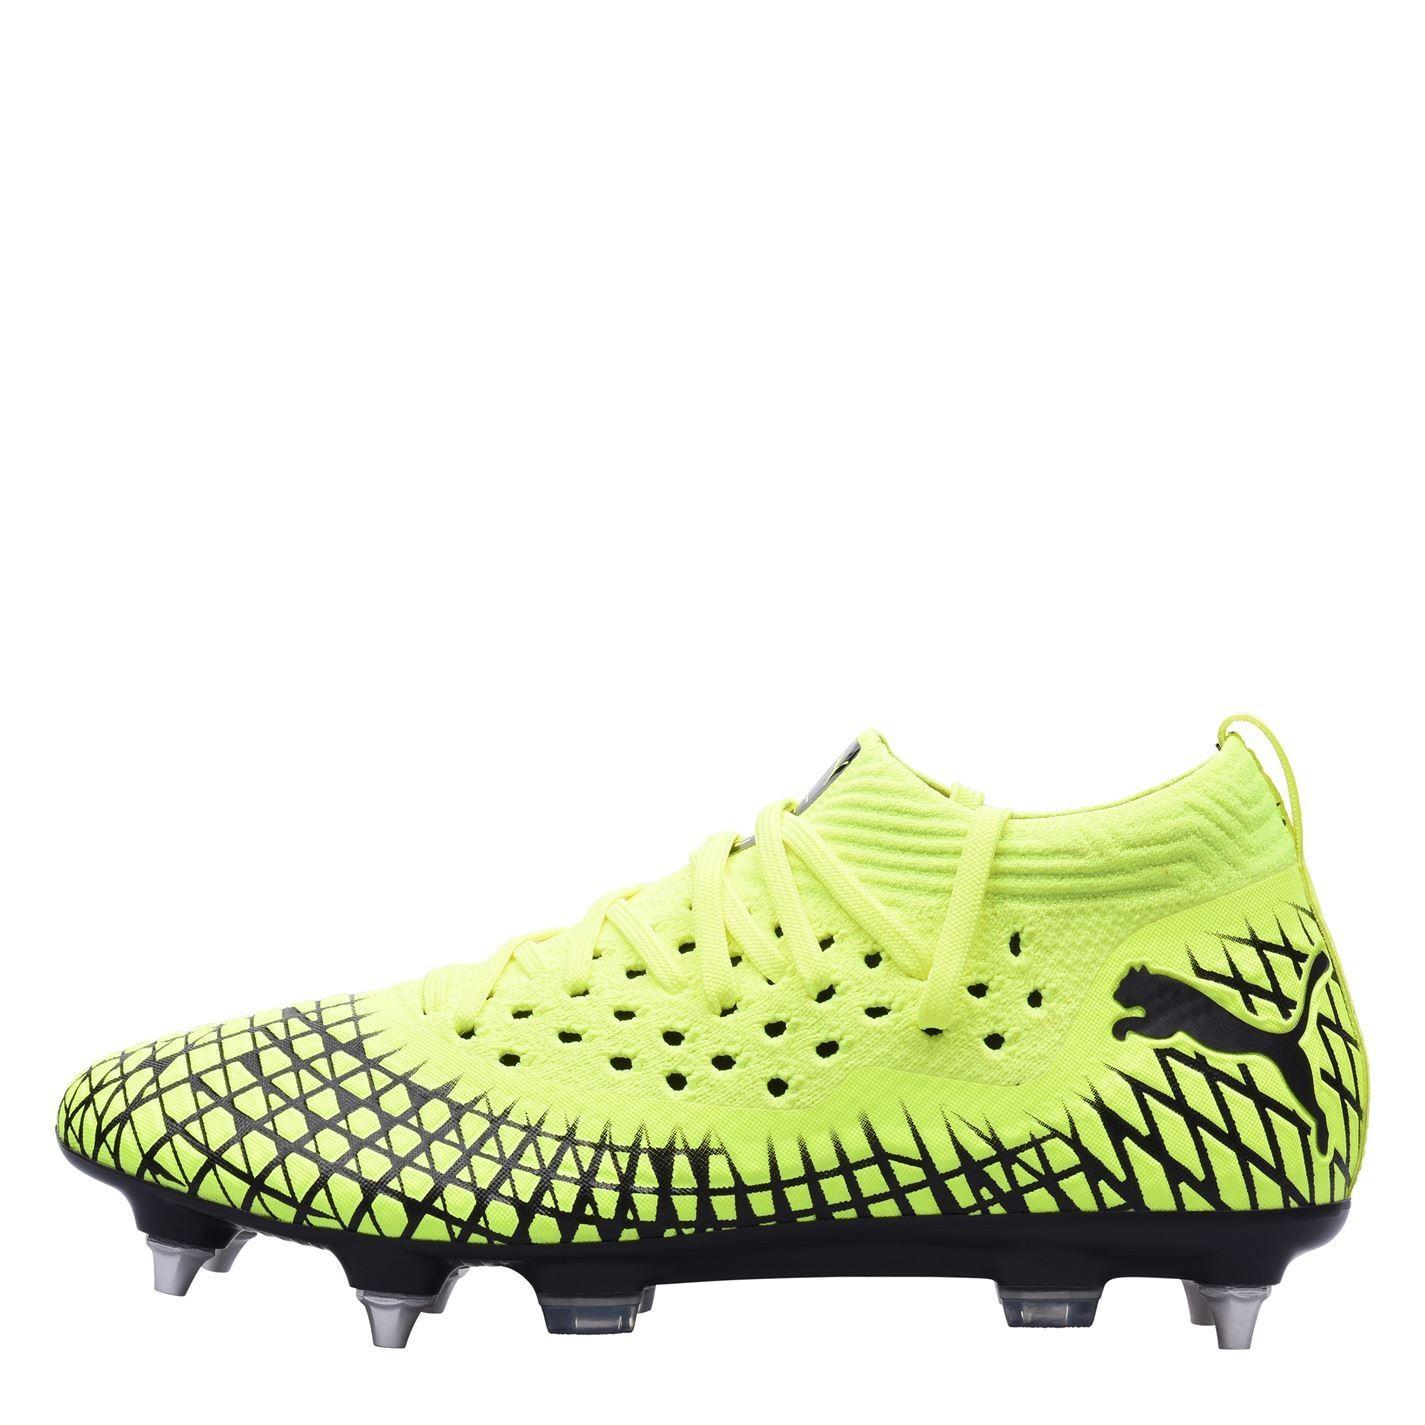 miniature 15 - Puma-Future-4-2-Homme-netfit-FG-Firm-Ground-Chaussures-De-Football-Chaussures-de-foot-crampons